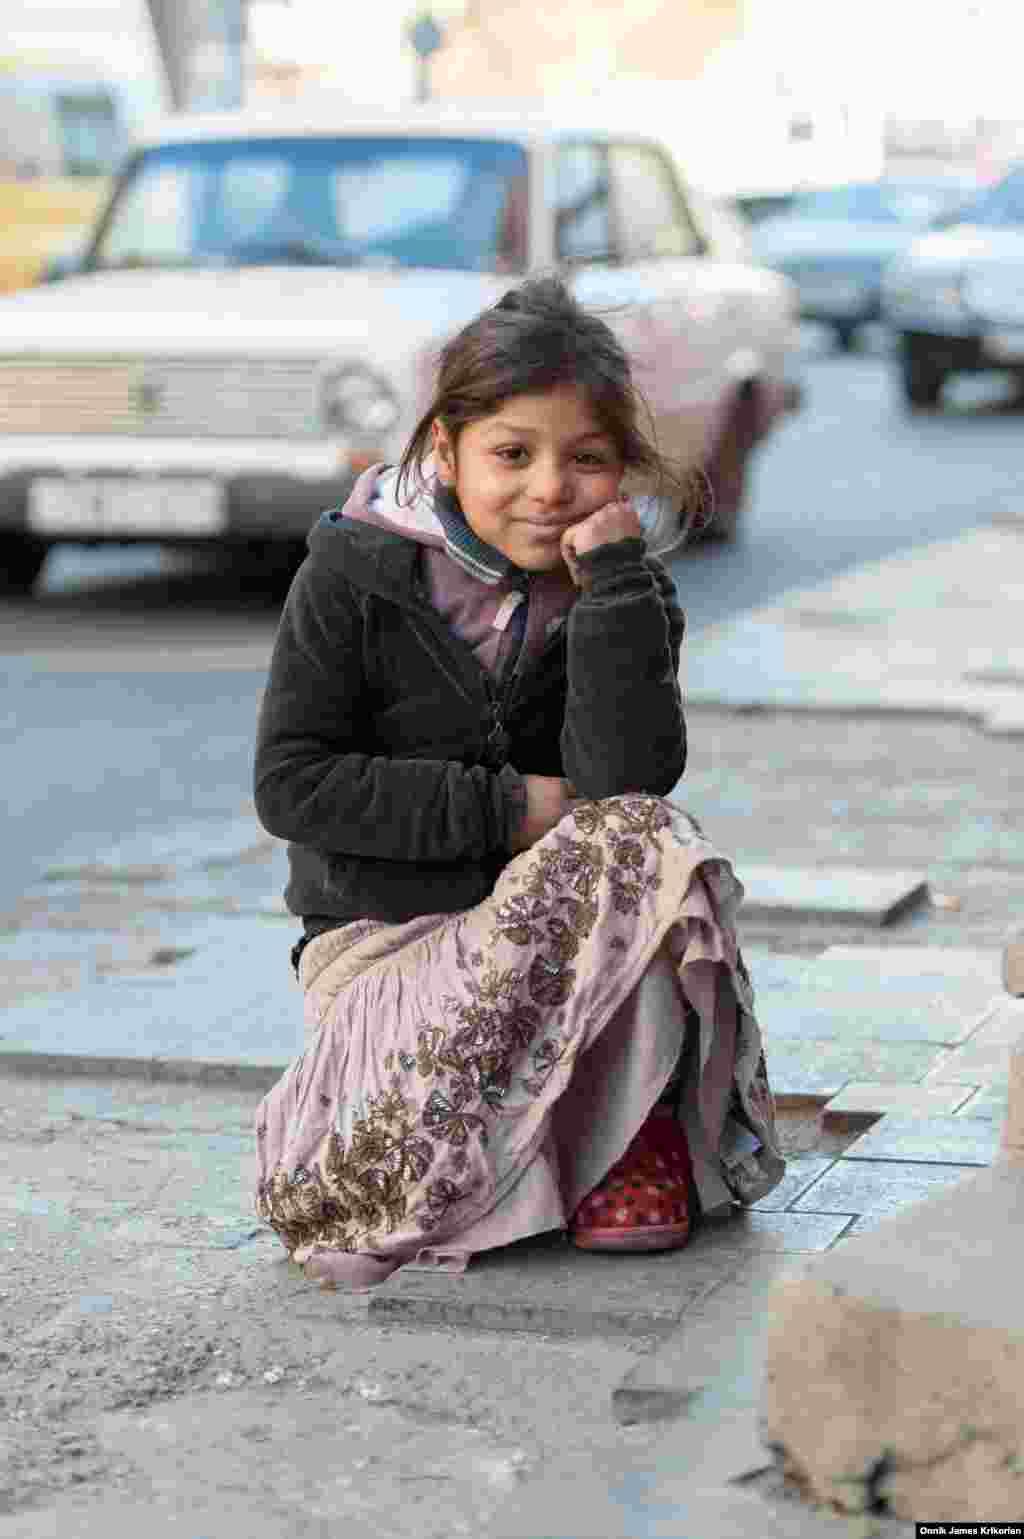 Незважаючи на існуючий стереотип, що безпритульні діти виключно із сімей етнічних меншин, за даними благодійної організації «Карітас», етнічні грузини складають приблизно 50% всіх безпритульних. Однак жодна етнічна група від цього не застрахована. В останні роки на вулицях все більше стали з'являтися азербайджанські курди